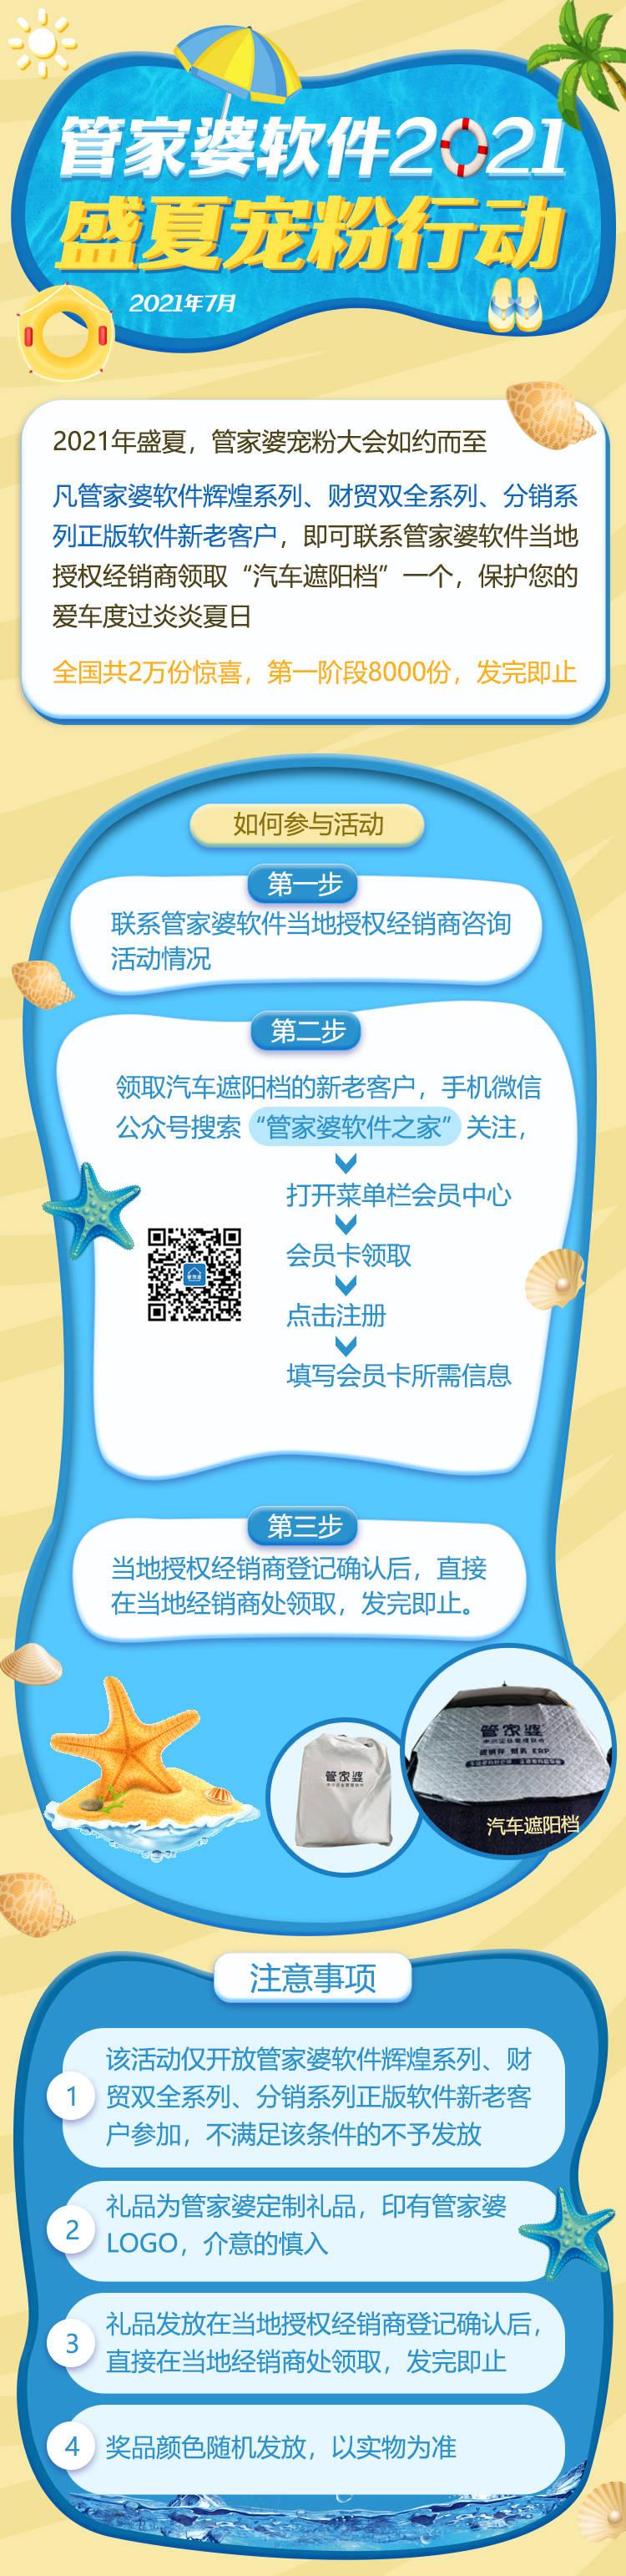 QQ图片20210624172912.jpg